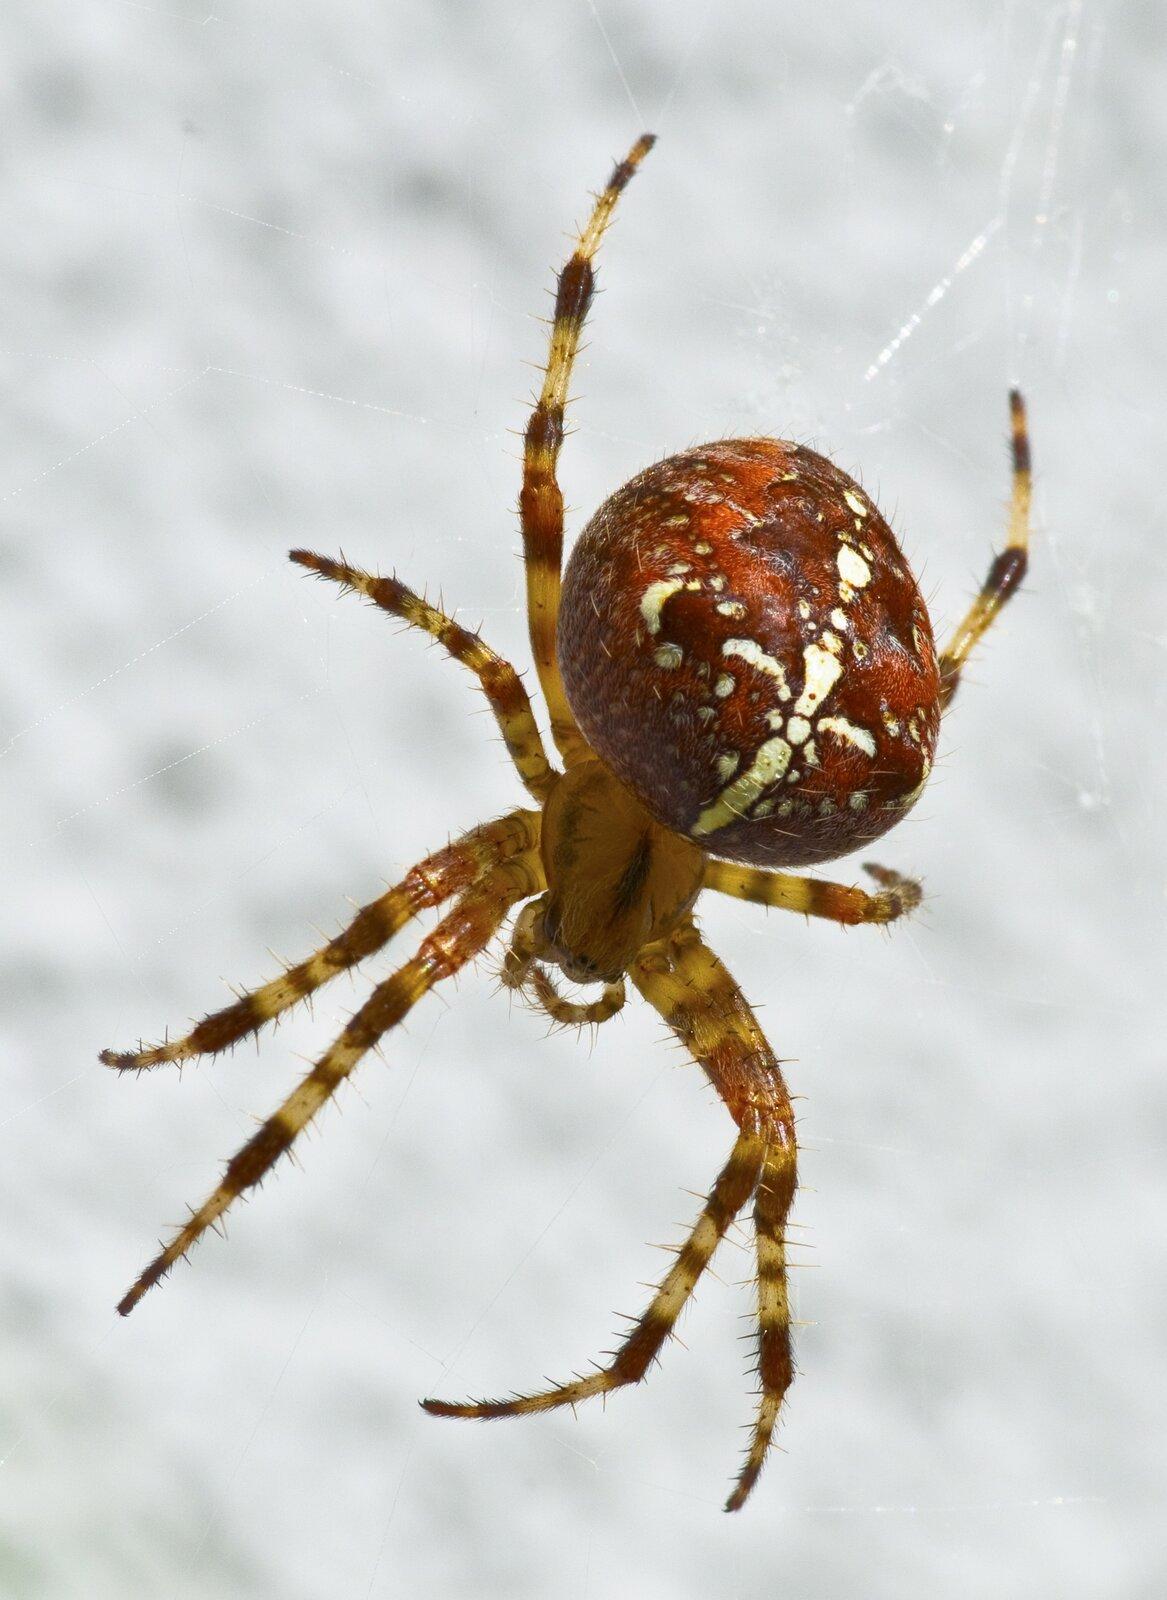 Fotografia pająka. Zprzedniej części ciała zwierzęcia wyrastają cztery pary długich członowanych odnóży. Tylna część jest większa od przedniej. Na grzbiecie widać wzór wkształcie białego krzyża.